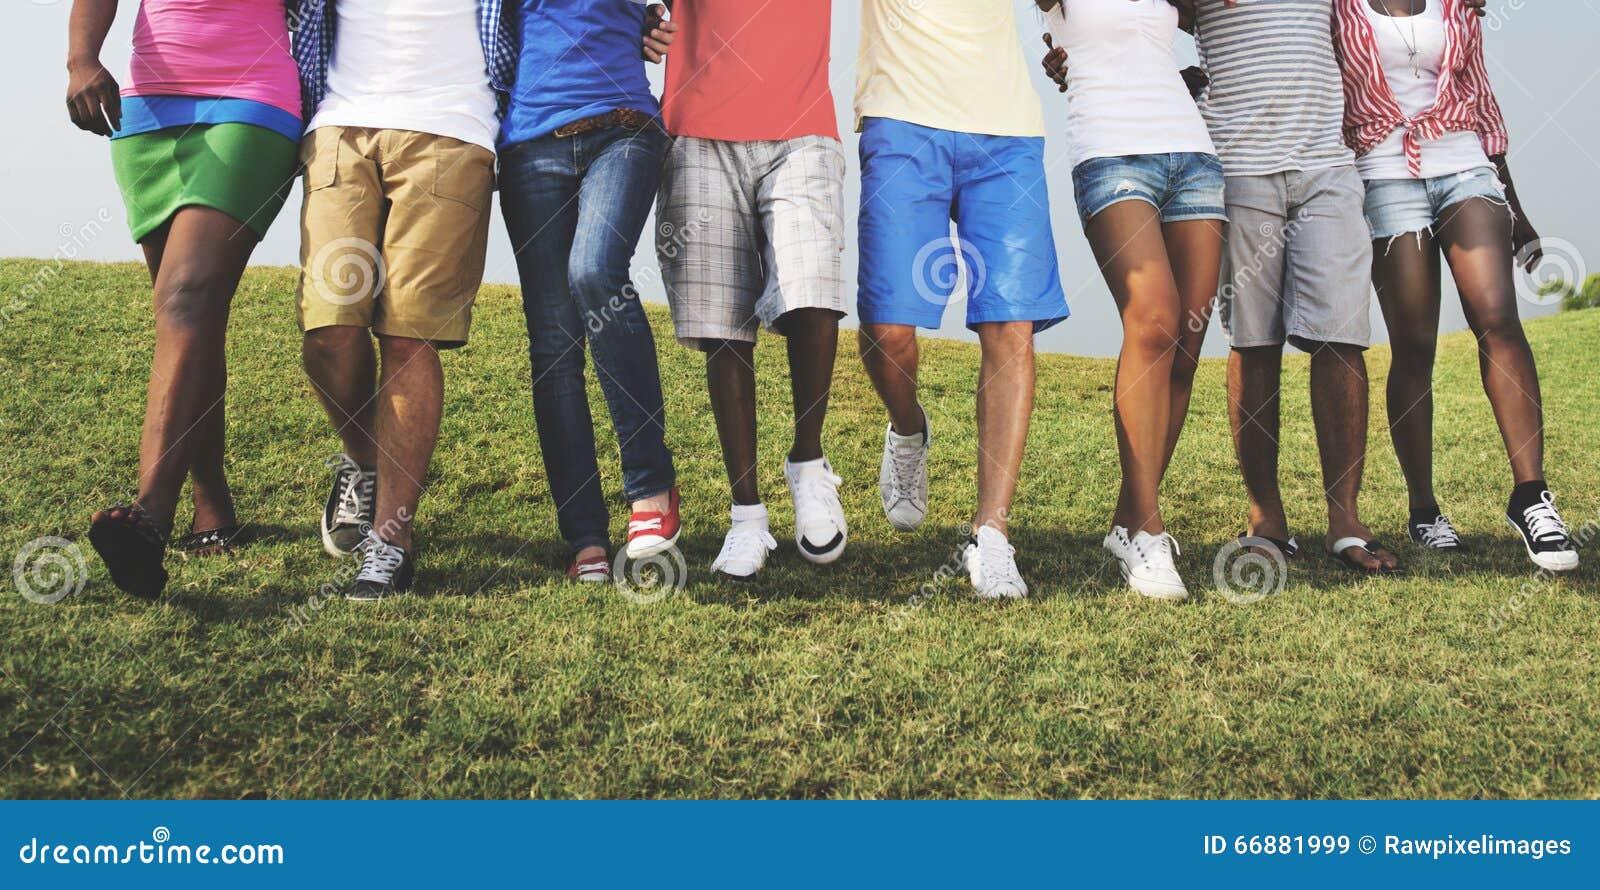 Περιστασιακοί άνθρωποι ομάδας που περπατούν μαζί υπαίθρια την έννοια